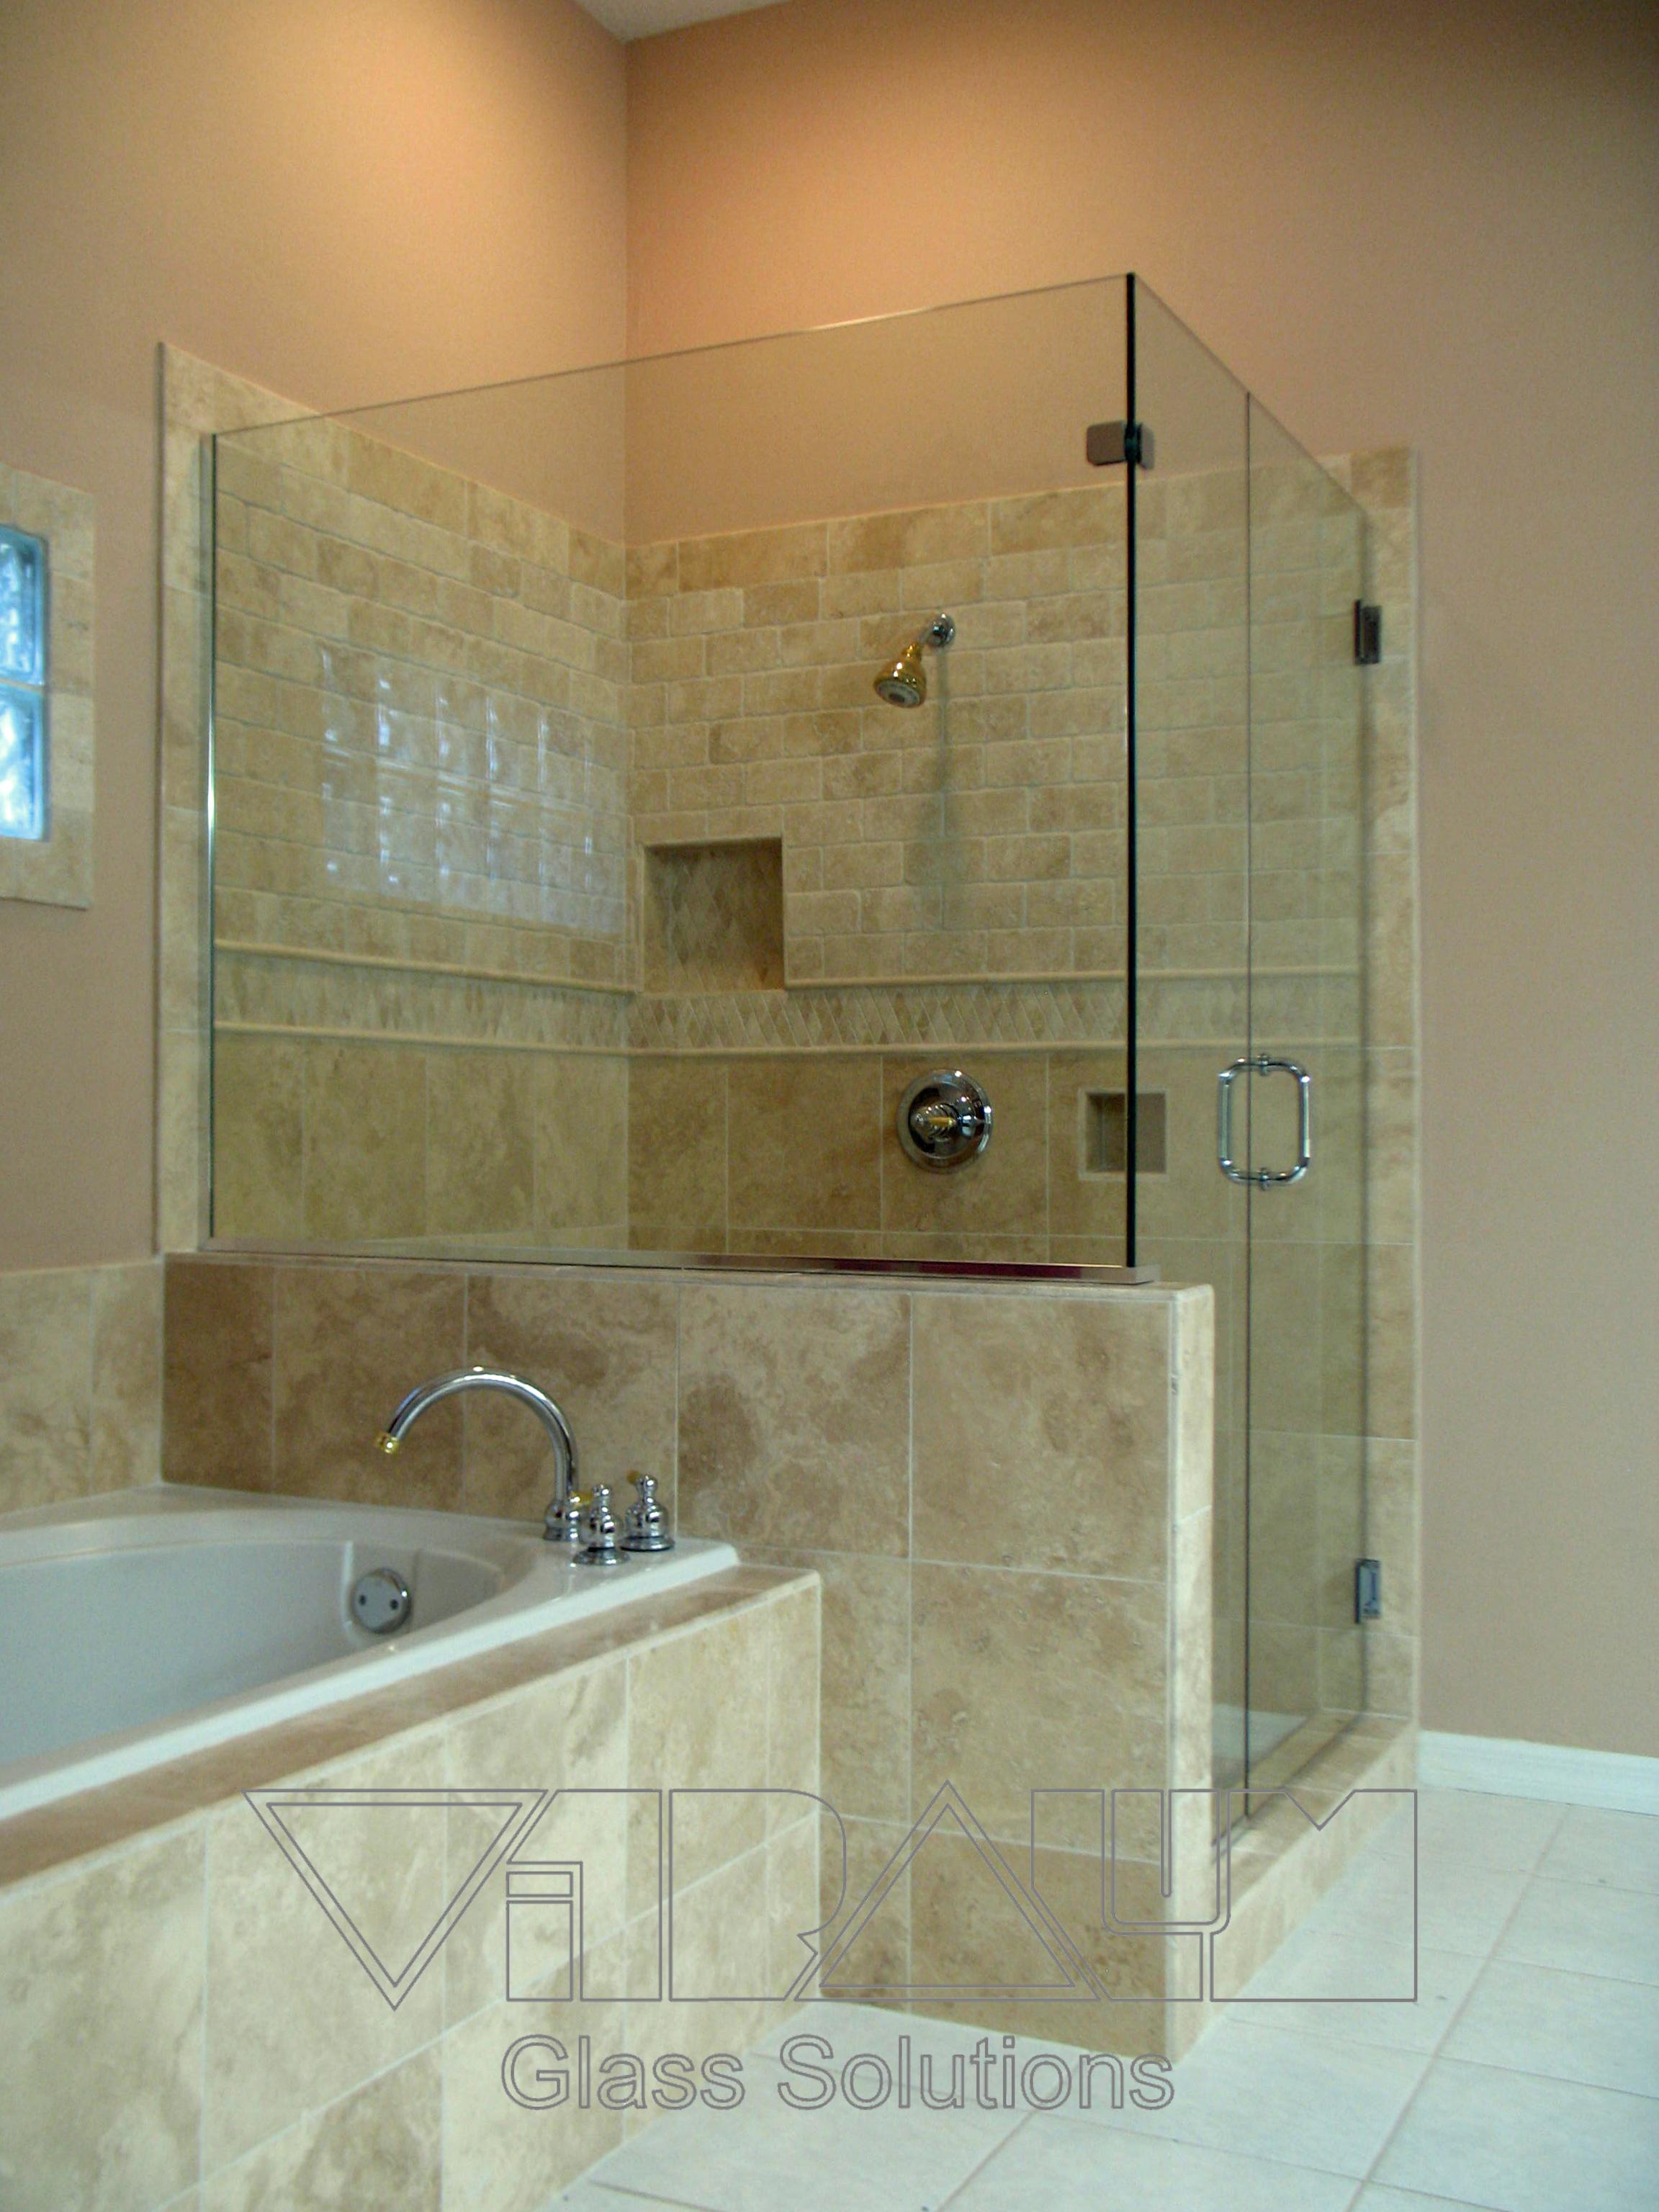 Orlando Frameless Shower Doors Bathroom Glass Enclosures